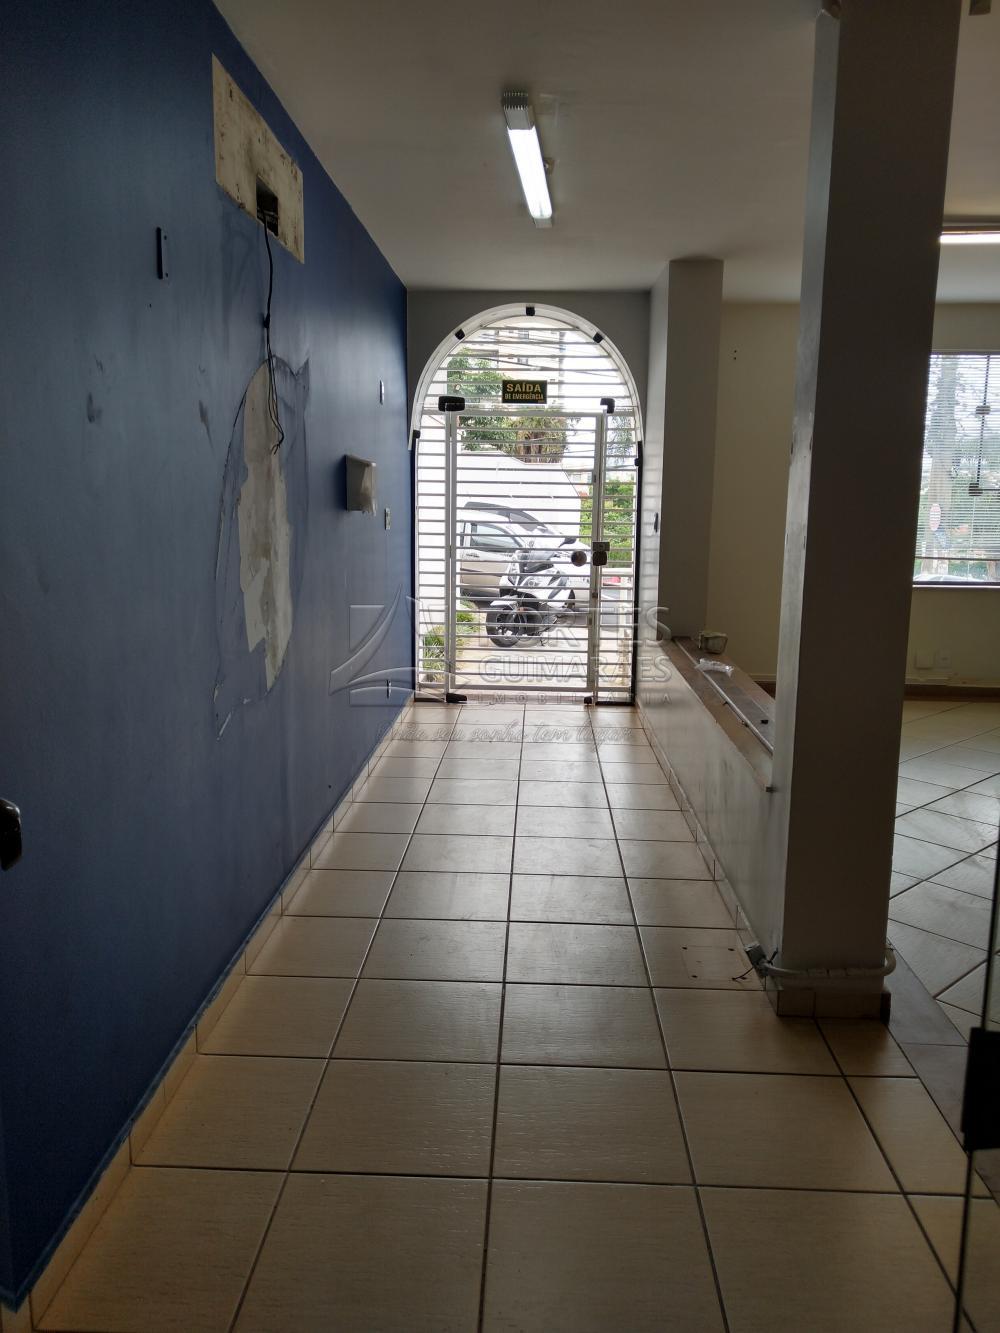 Alugar Comercial / Imóvel Comercial em Ribeirão Preto apenas R$ 12.000,00 - Foto 5